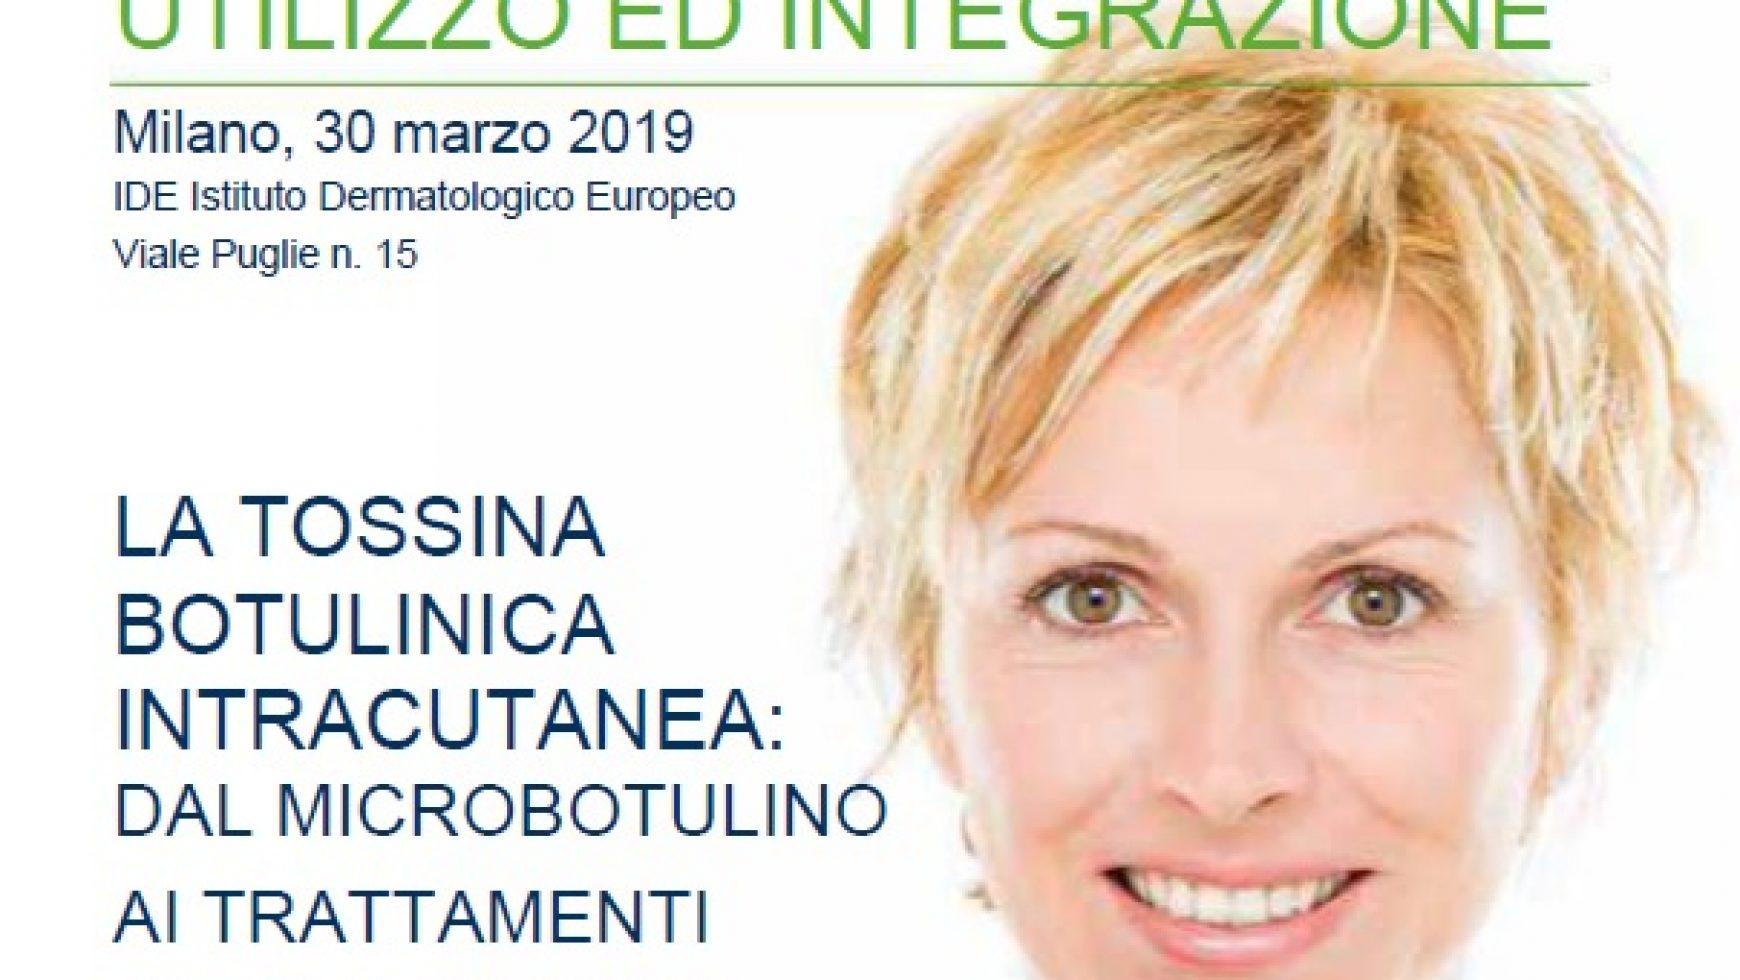 """Corso AITEB """"Microbotulino: nuove frontiere di utilizzo ed integrazione. La Tossina Botulinica intracutanea: dal microbotulino ai trattamenti dermatologici"""""""